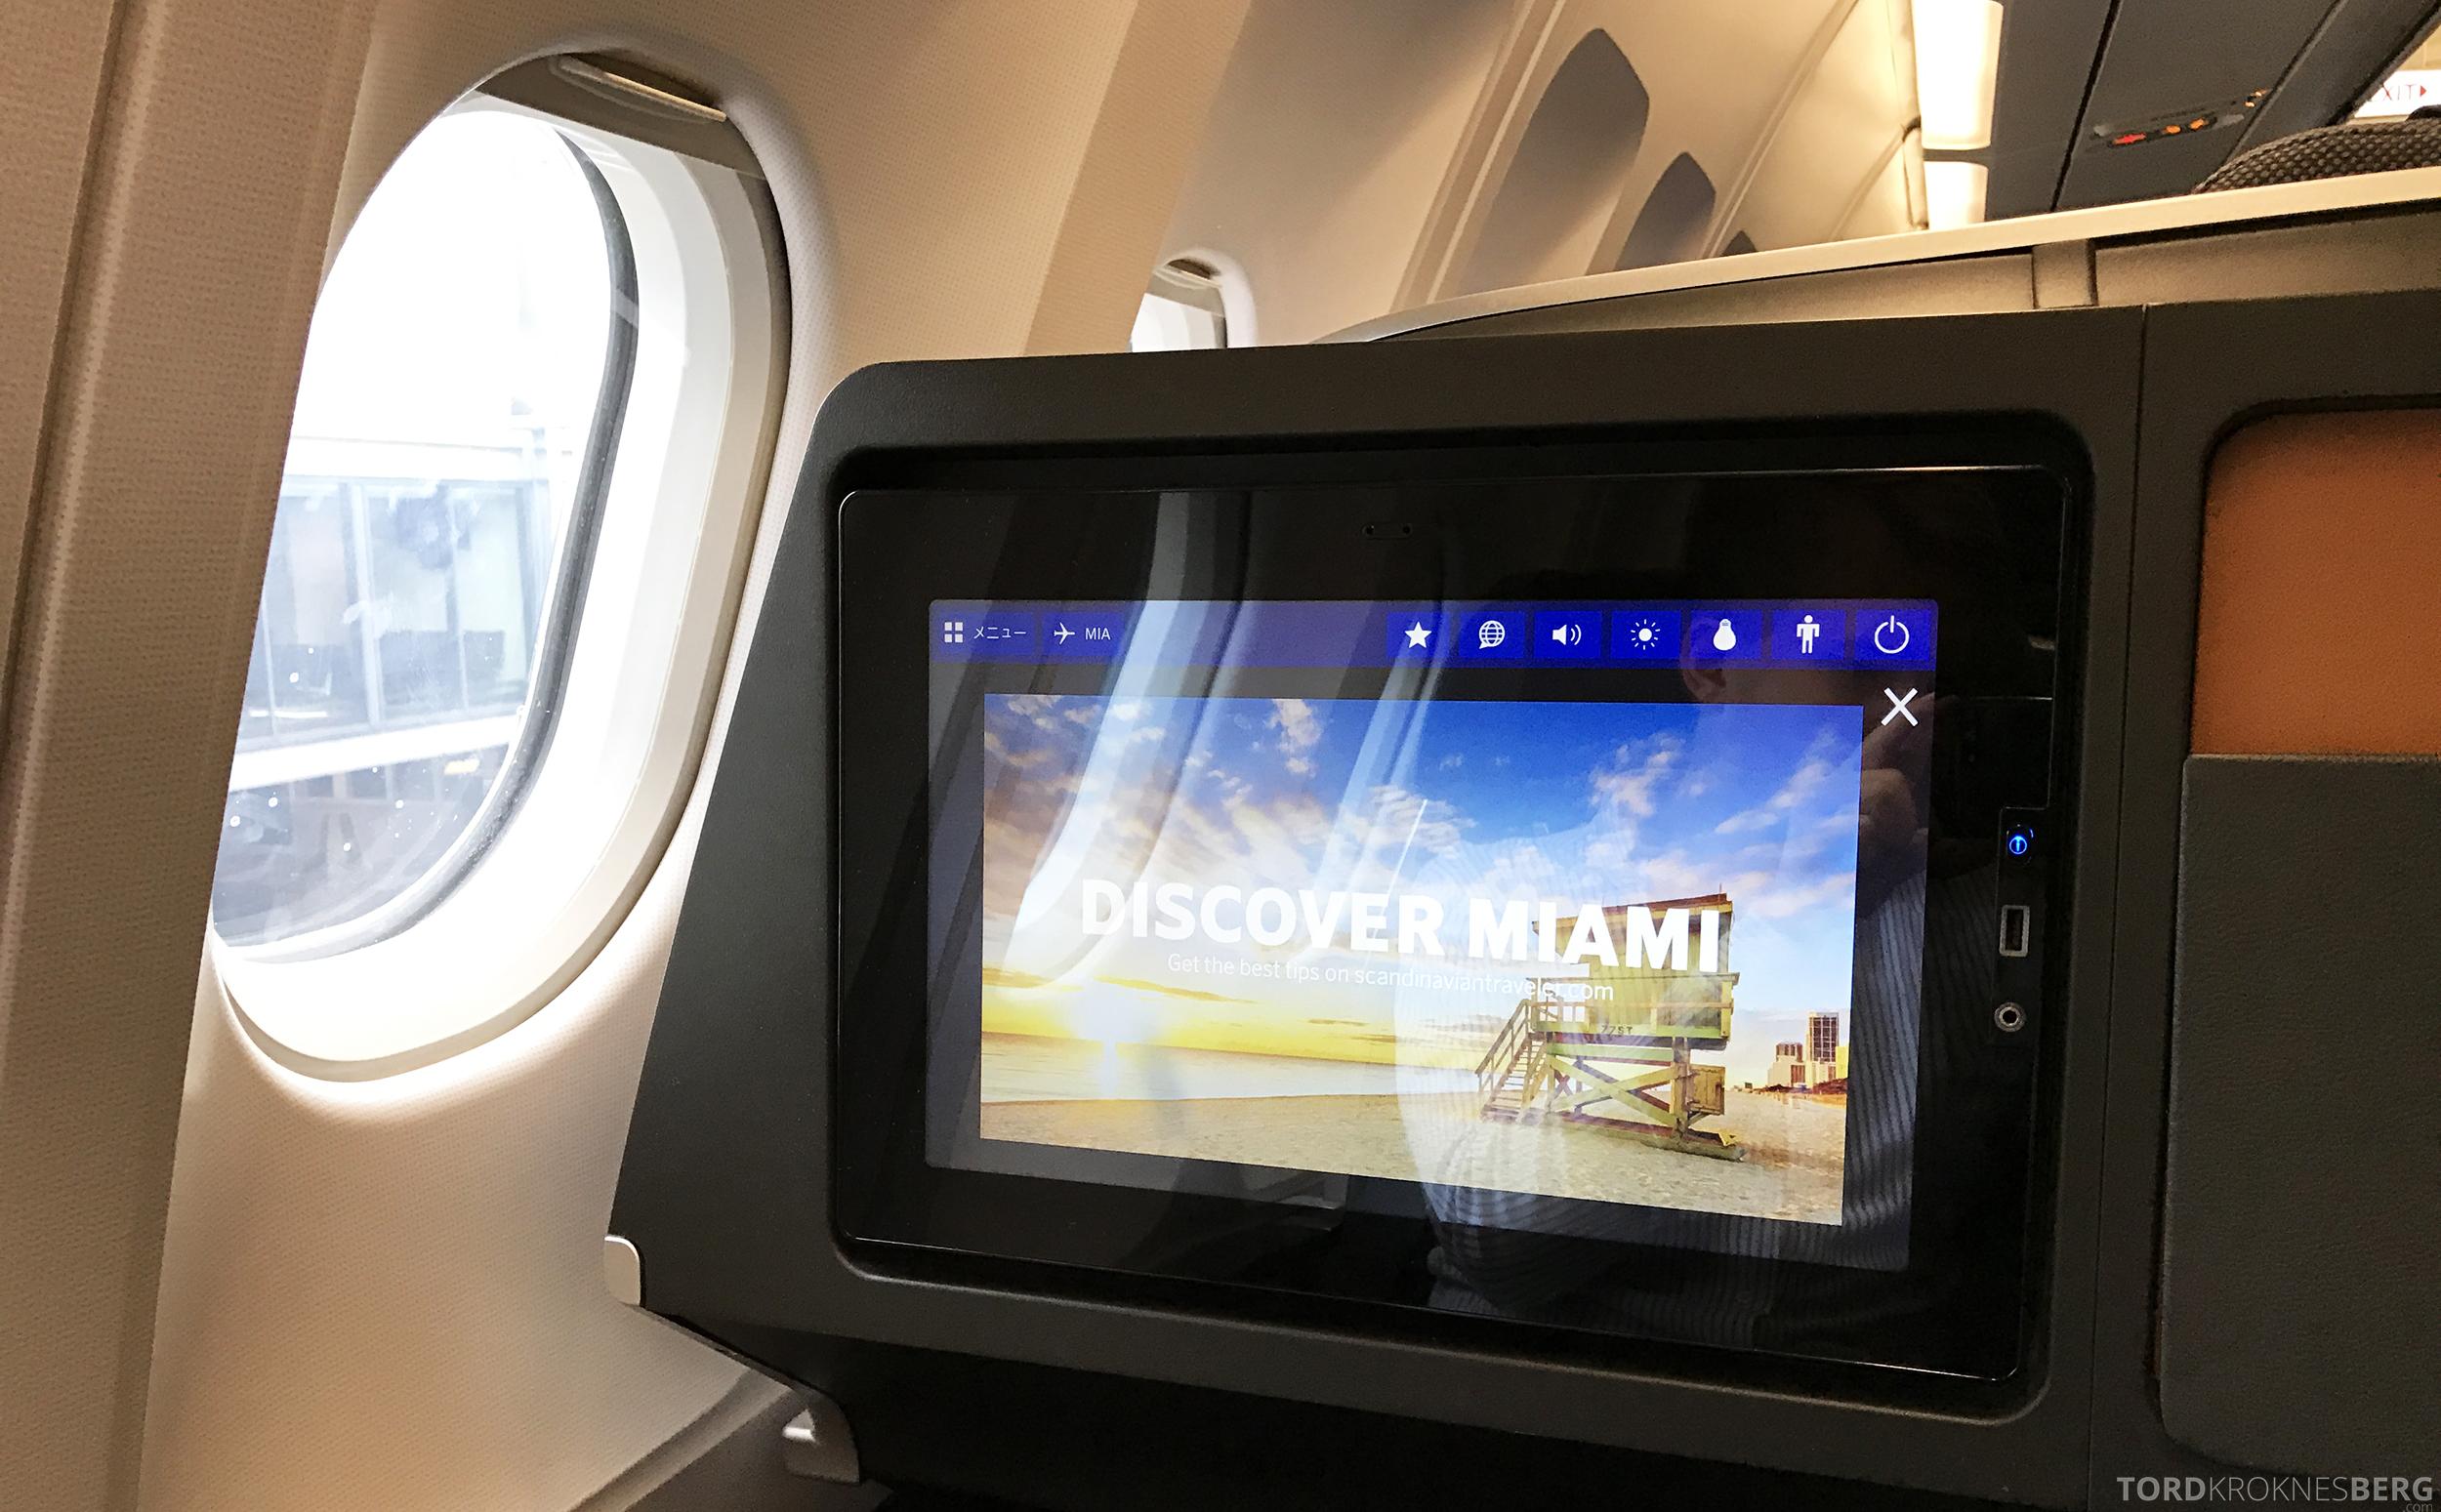 SAS Business Oslo til Miami skjerm